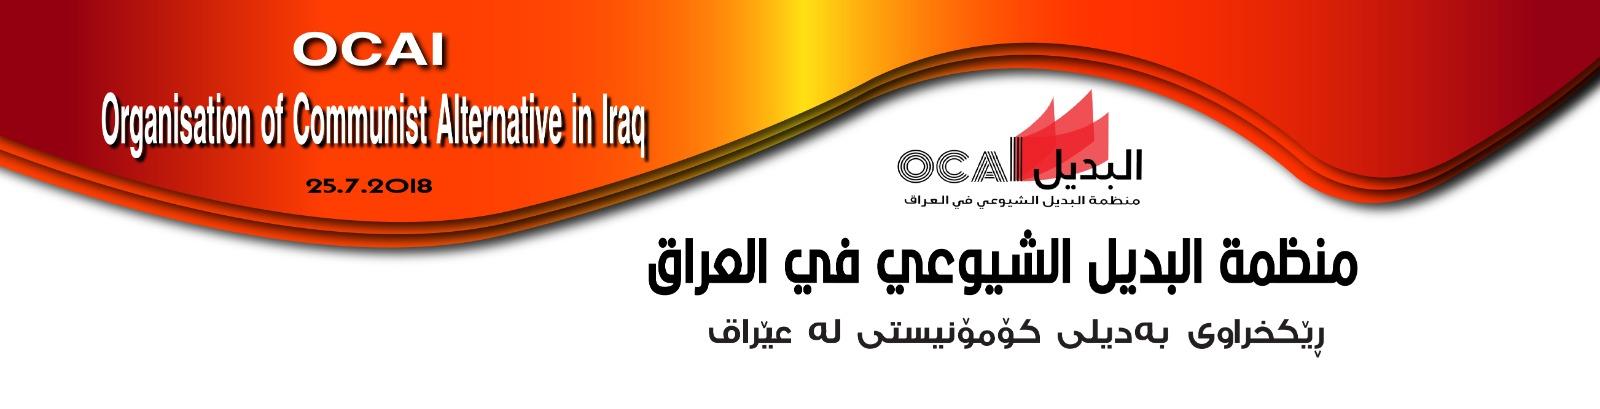 منظمة البديل الشيوعي في العراق